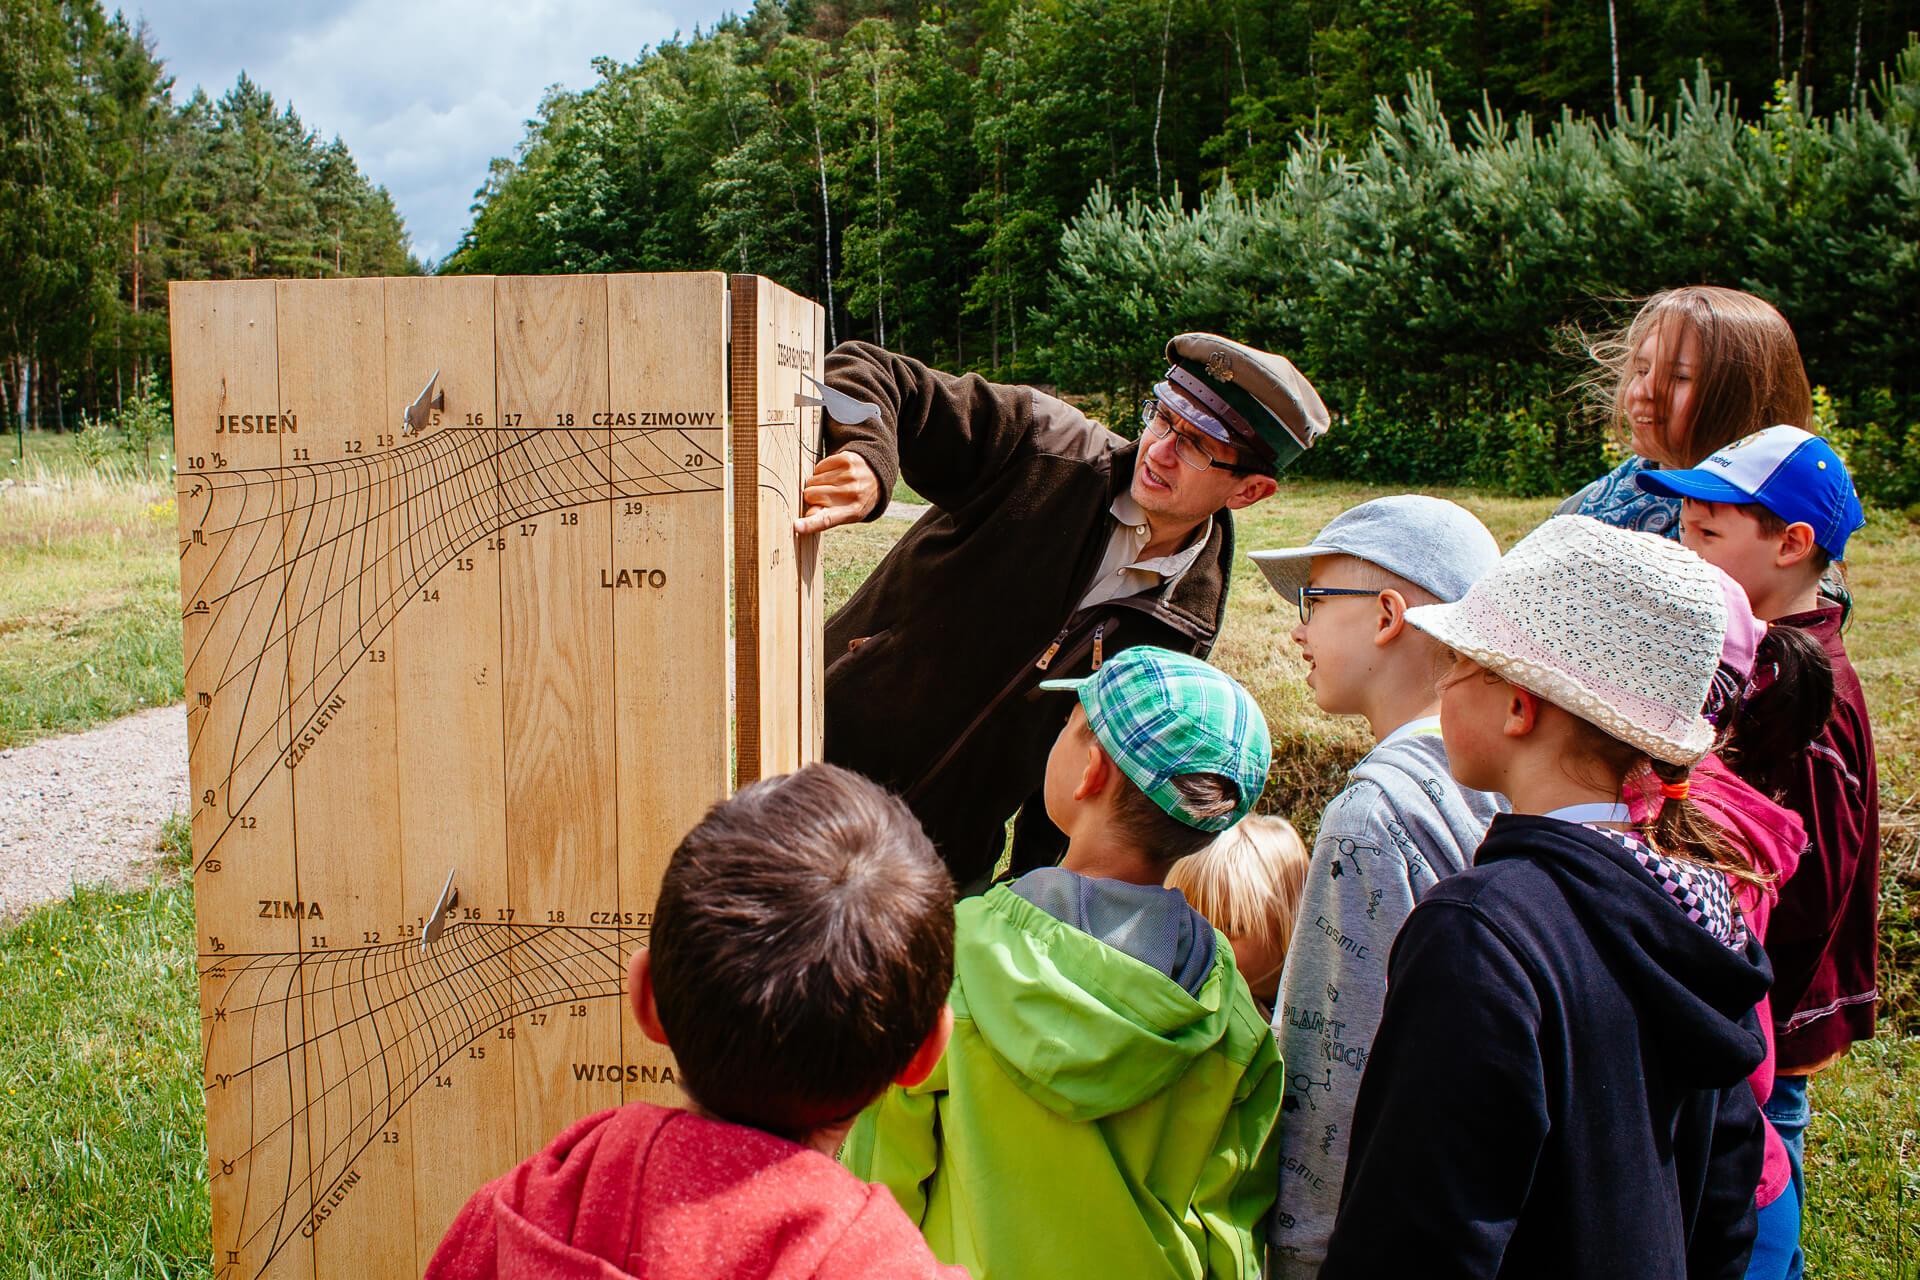 Marszewo sciezki przyrodnicze 3 nature trail - Nature trails in Pomorskie: take a stroll and learn something new